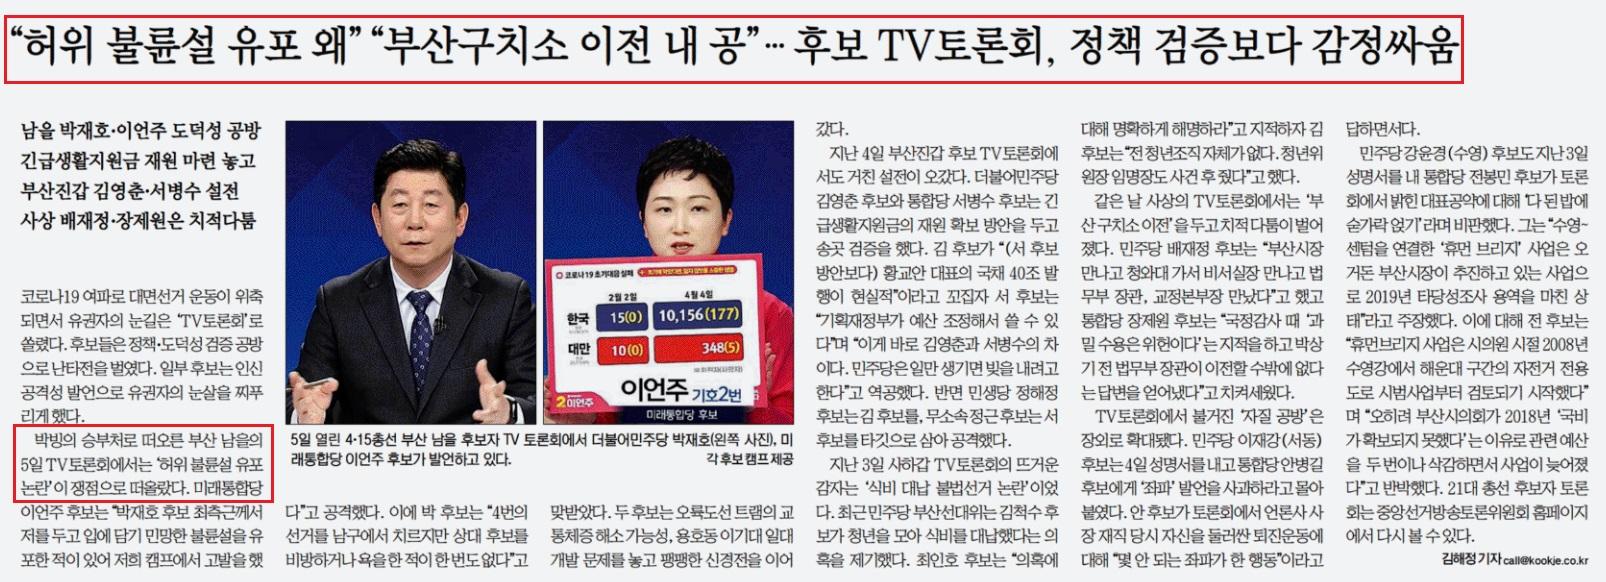 국제신문 4.6 남구을 토론 관련 보도.jpg